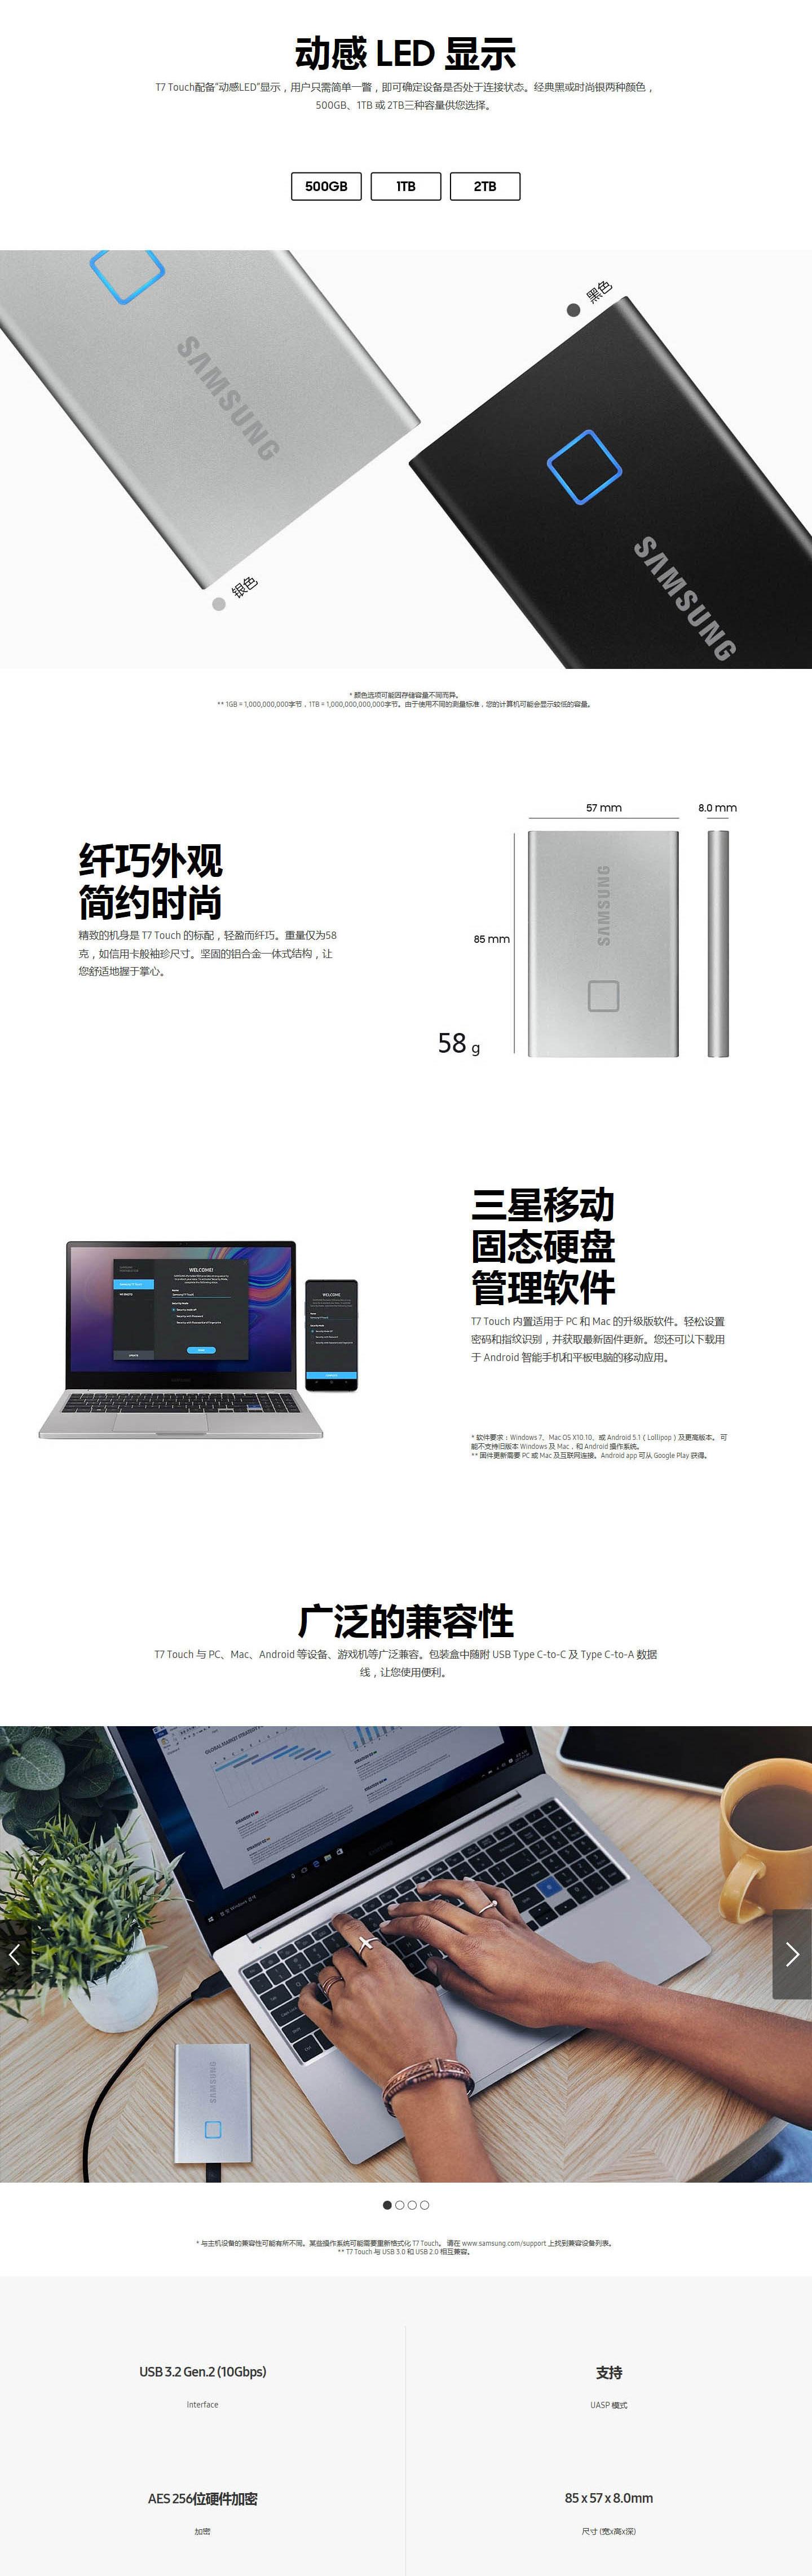 T7-Touch-USB3.2-Gen2-移动固态硬盘-经典黑-1_02